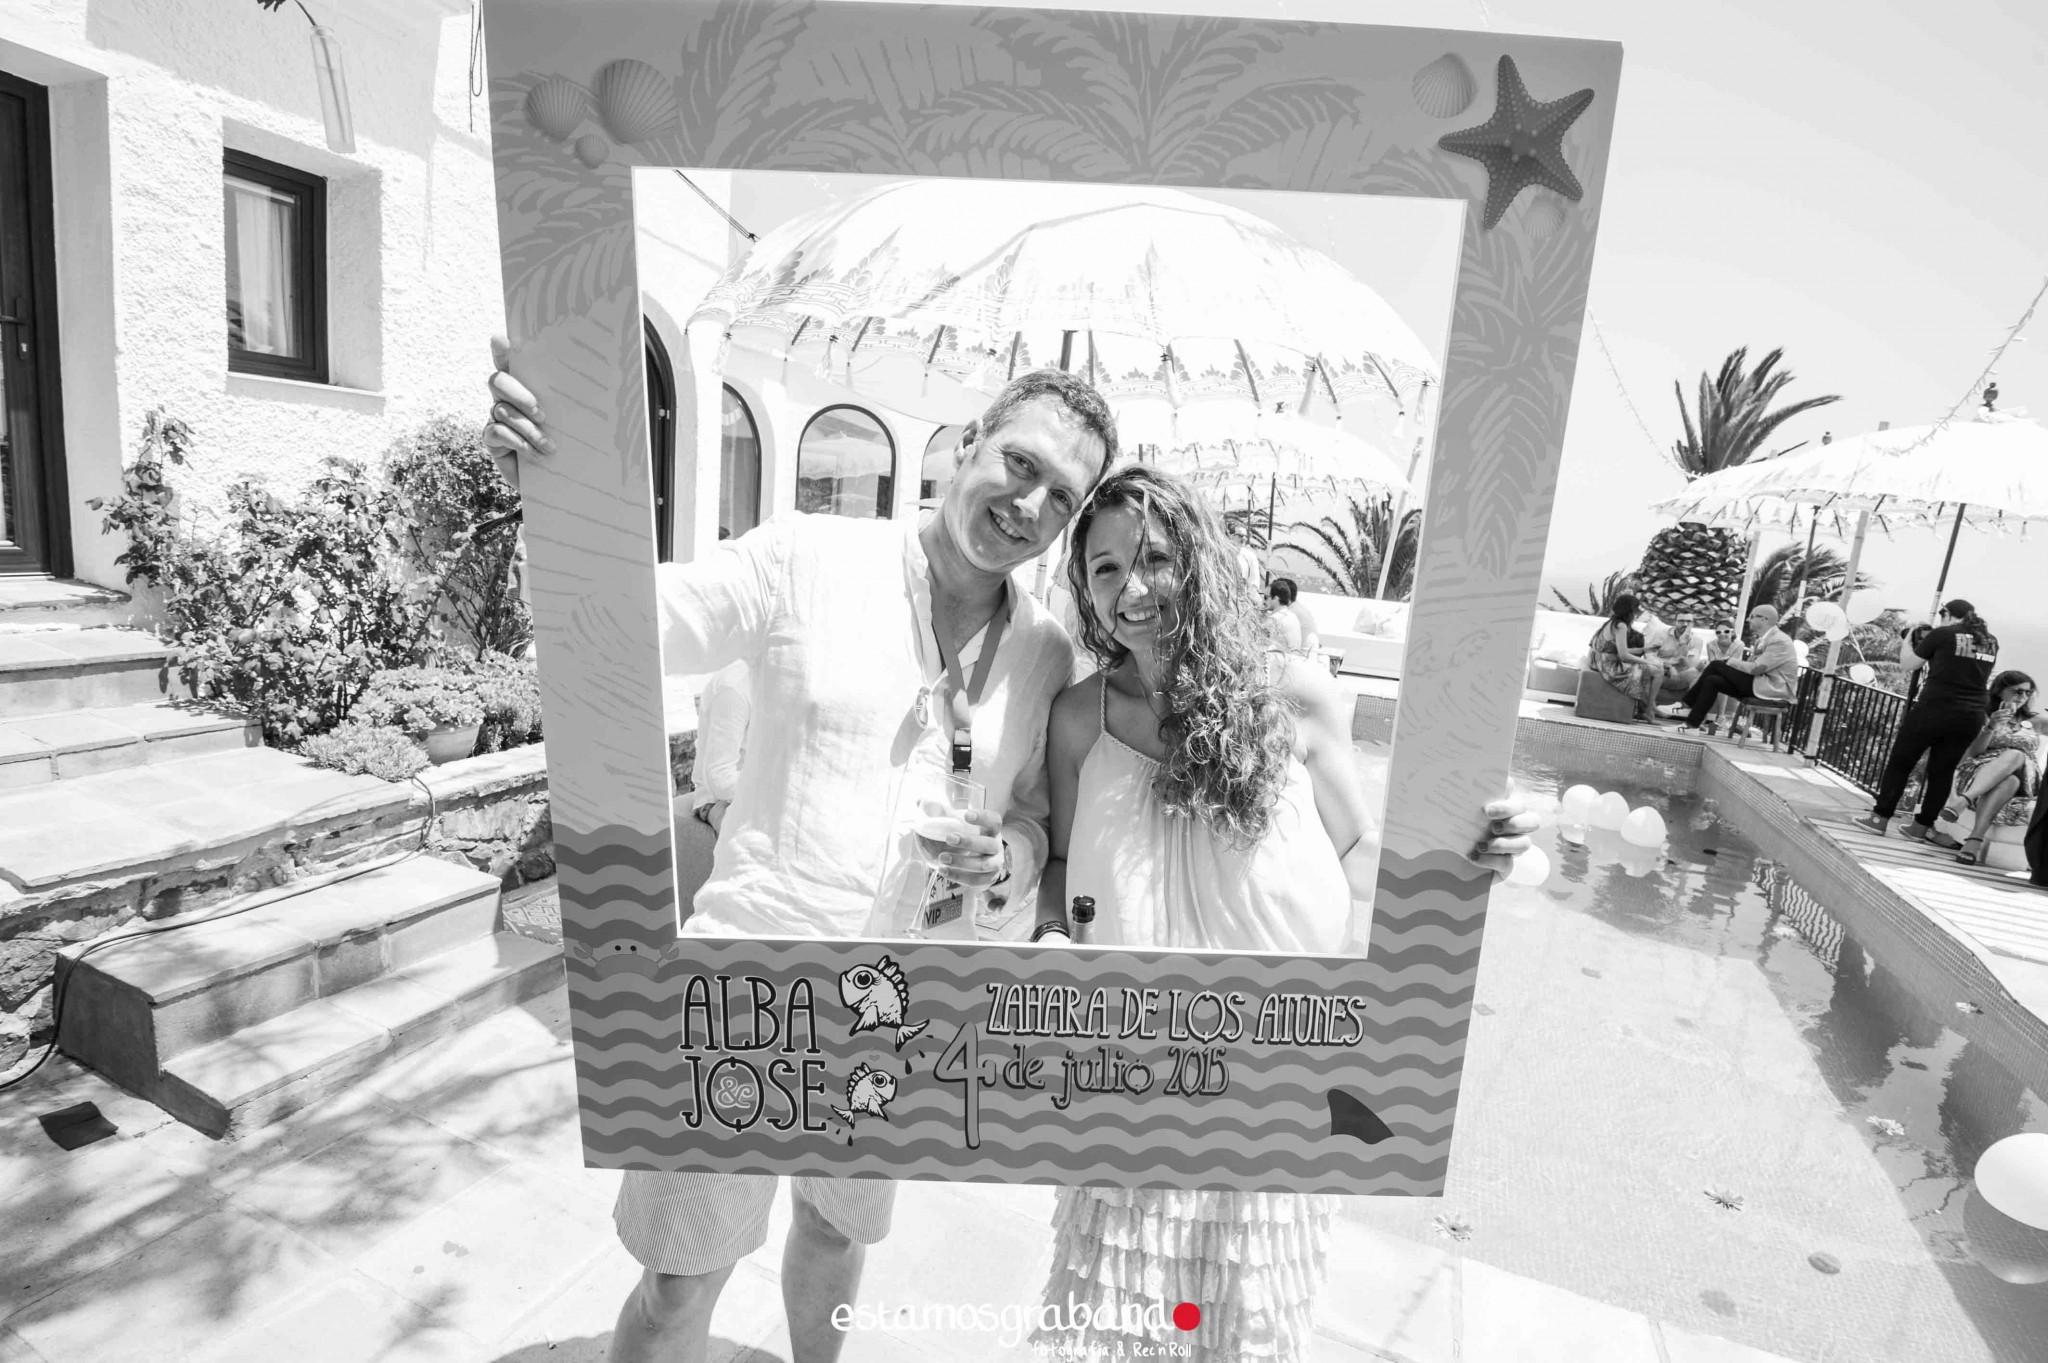 Alba-y-Jose-BTTW-16 Los invitados de Alba & Jose [Back to the wedding_Atlanterra, Zahara de los Atunes] - video boda cadiz